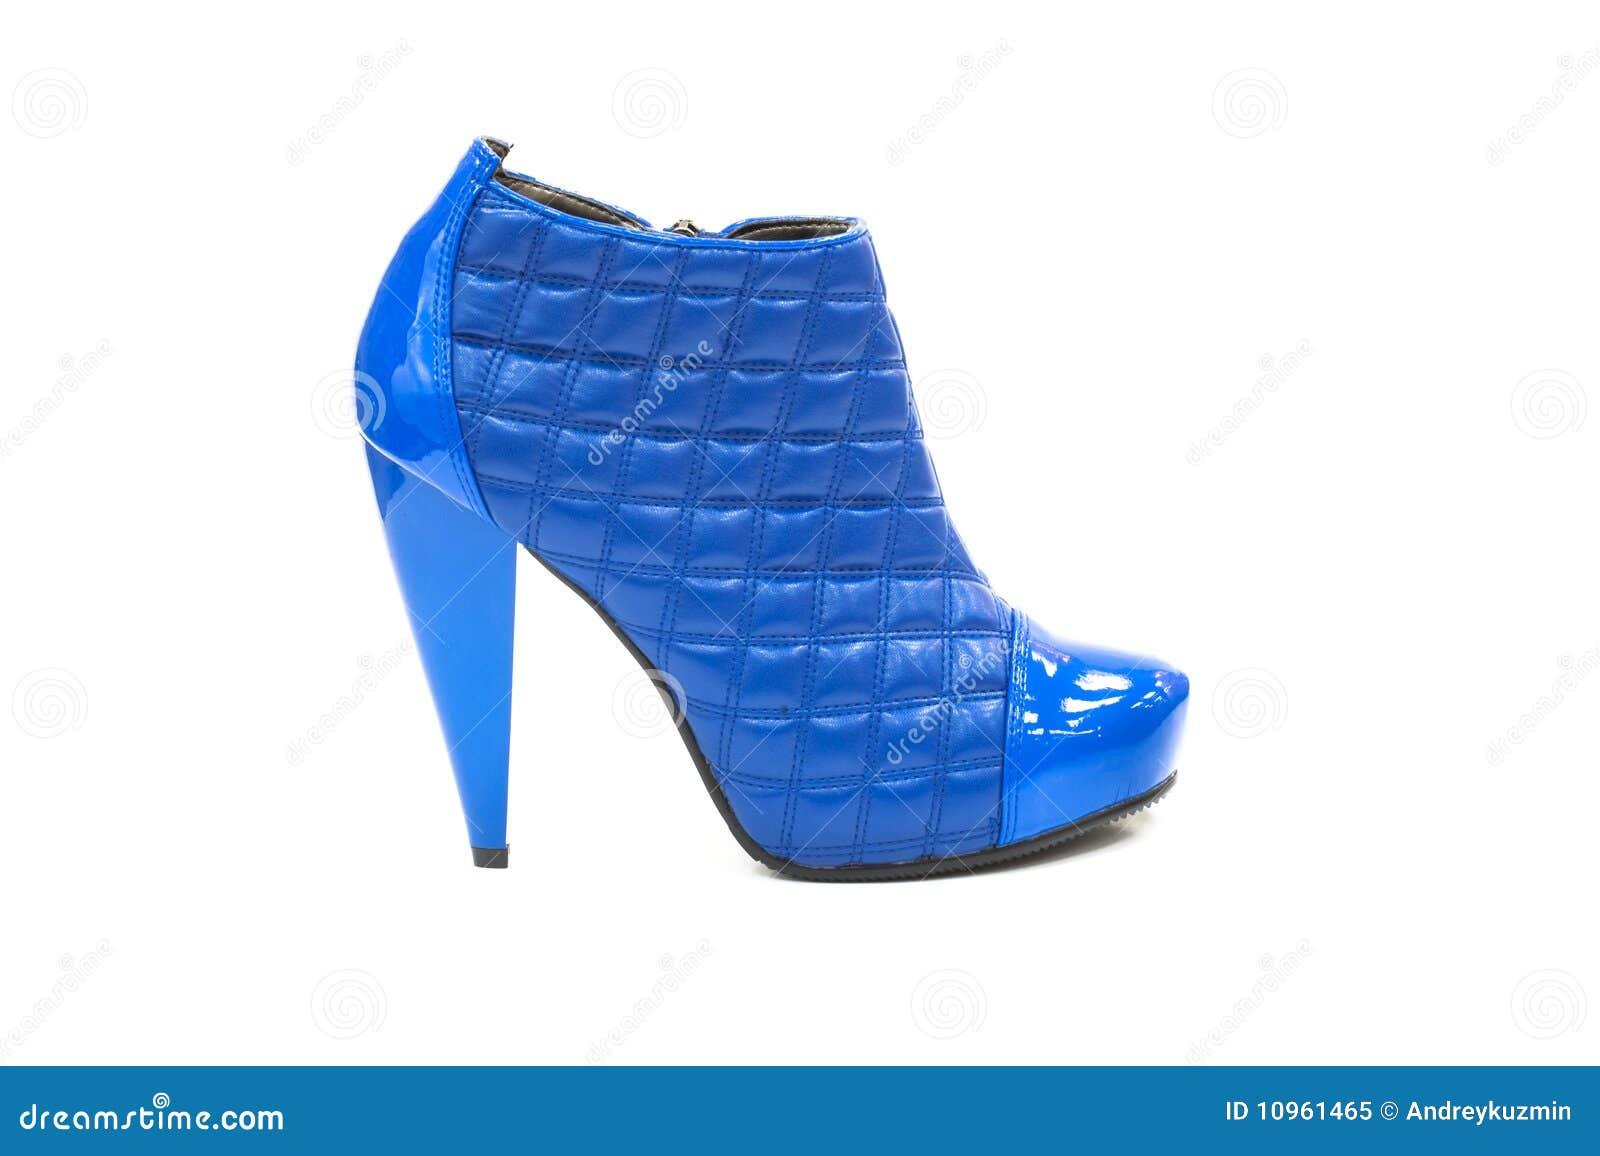 Chaussure A Talon Avec Pique